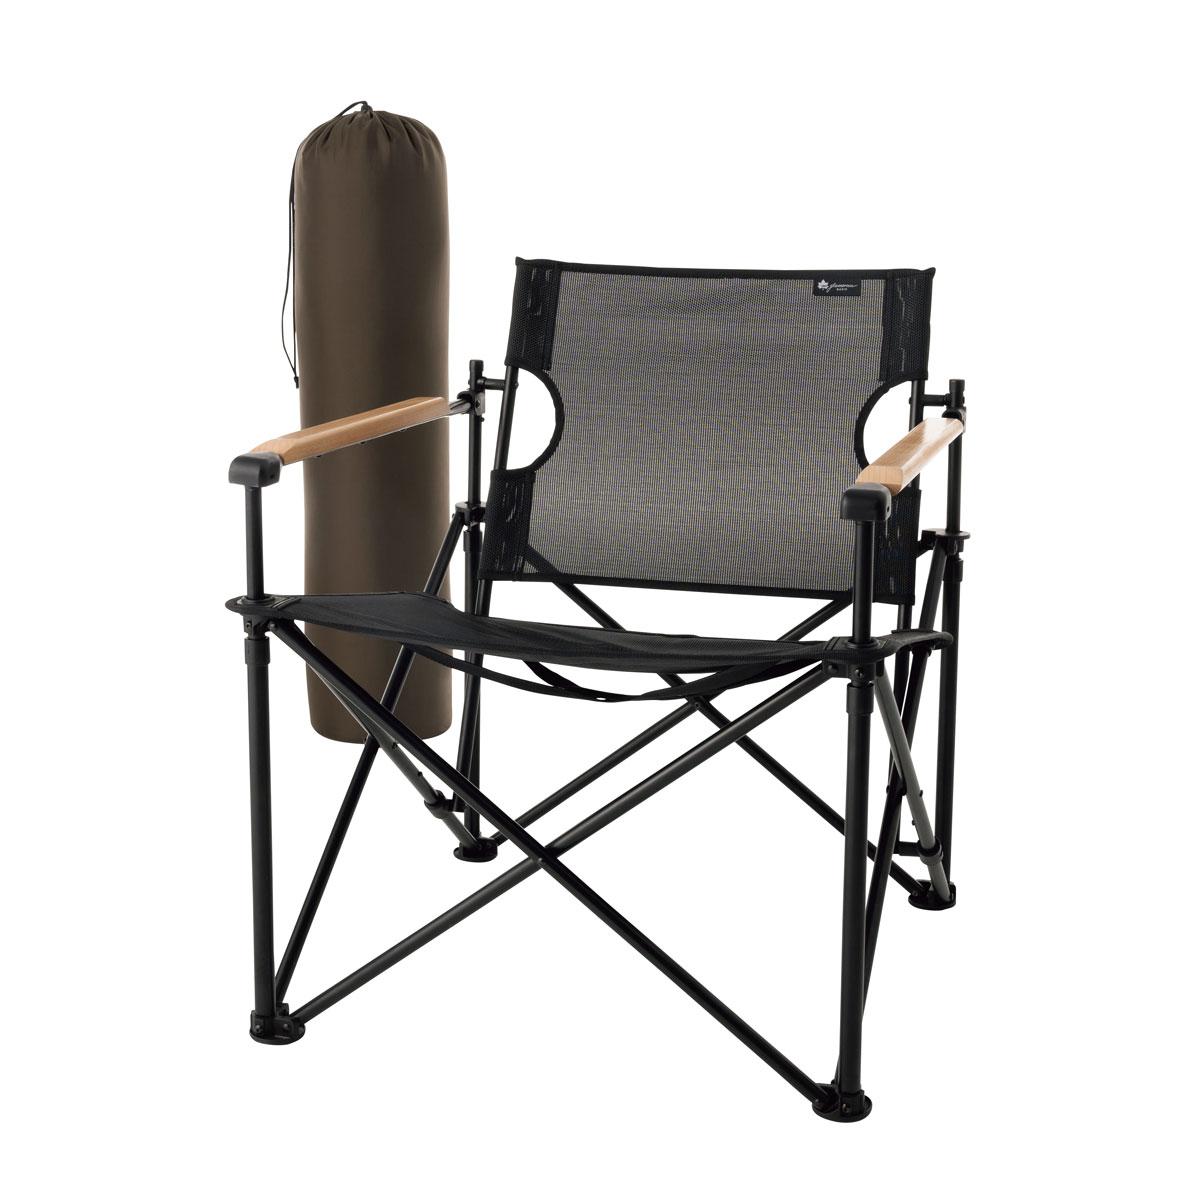 ロゴス(LOGOS) フォールディングチェア グランベーシック モダンチェア 73172025 ファニチャー(テーブル イス) イス チェア キャンプ アウトドア